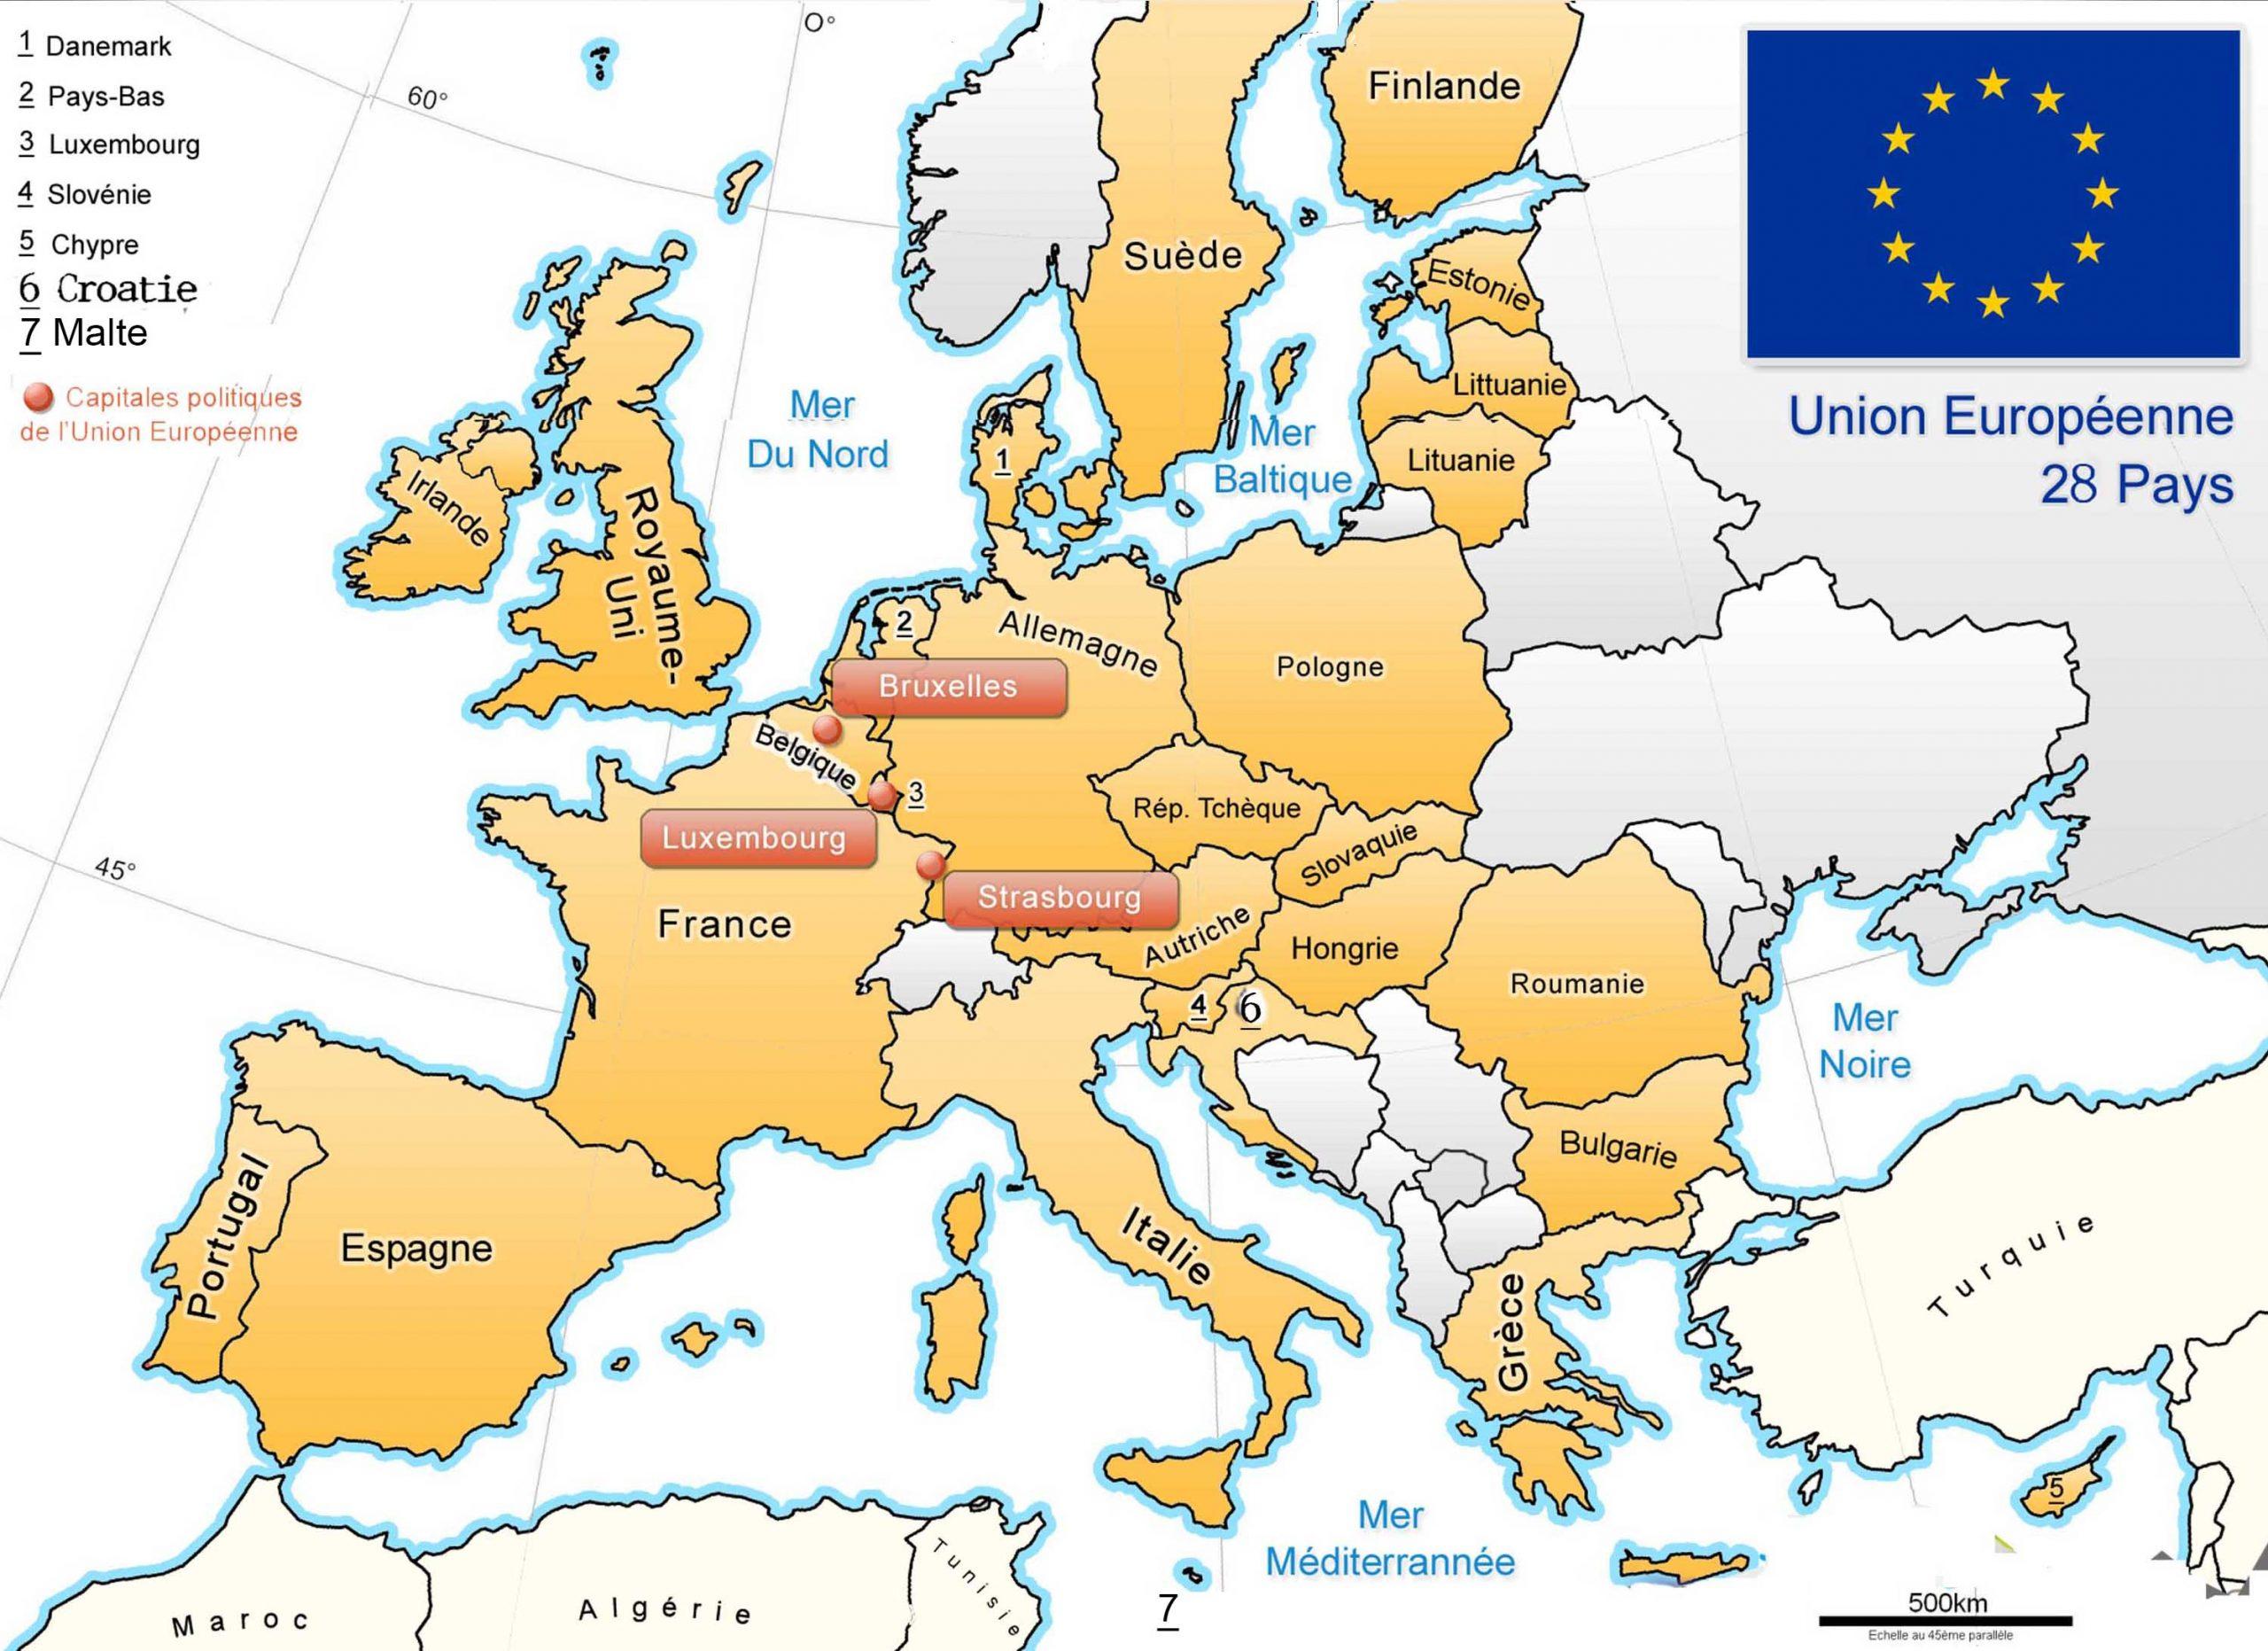 Apprendre À Placer Les Pays De L' Union Européenne - Le Blog encequiconcerne Carte Pays Union Européenne